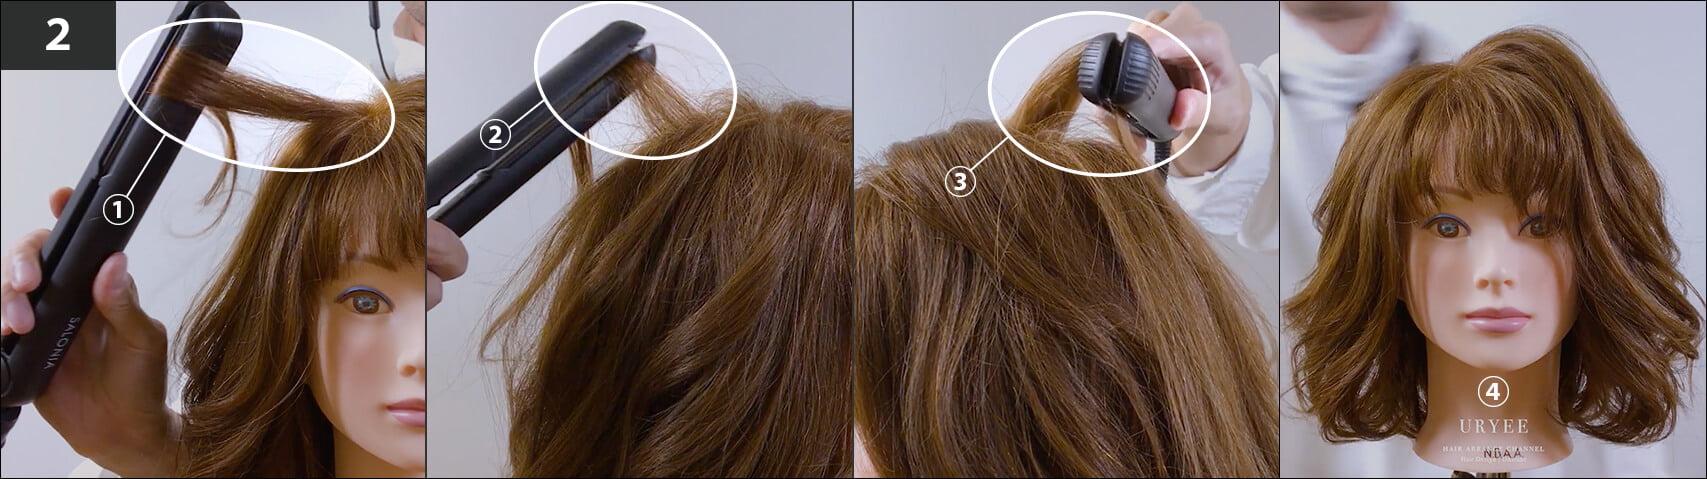 ストレートアイロン ミディアムボブ ロングボブ 巻き髪 やり方